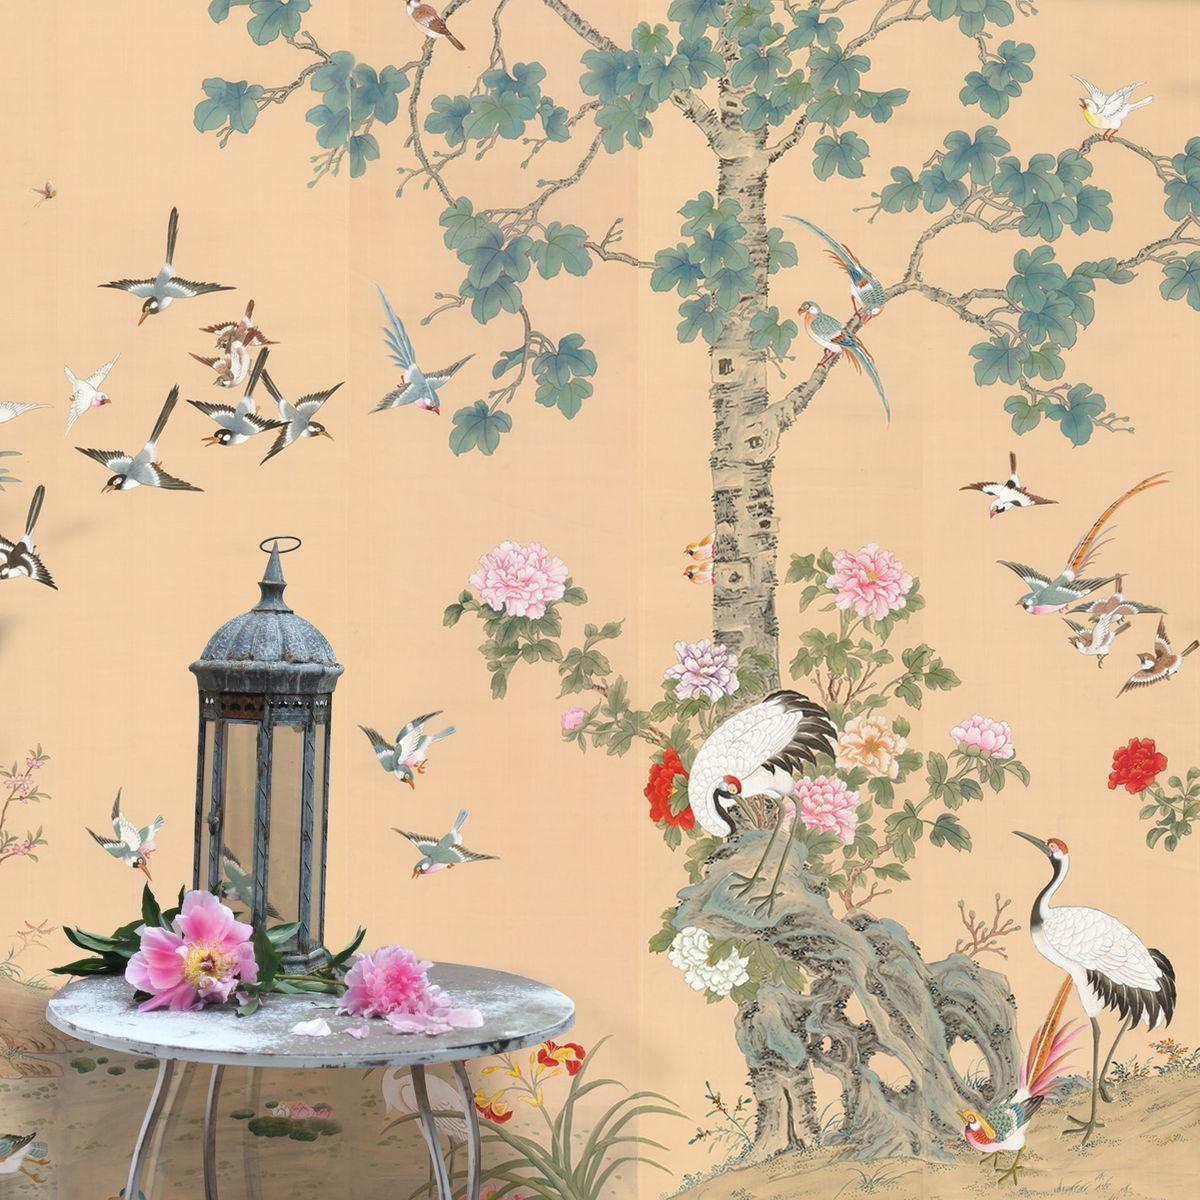 Chinoiserie Wall Art | Chinoiserie, Wall art designs and Walls